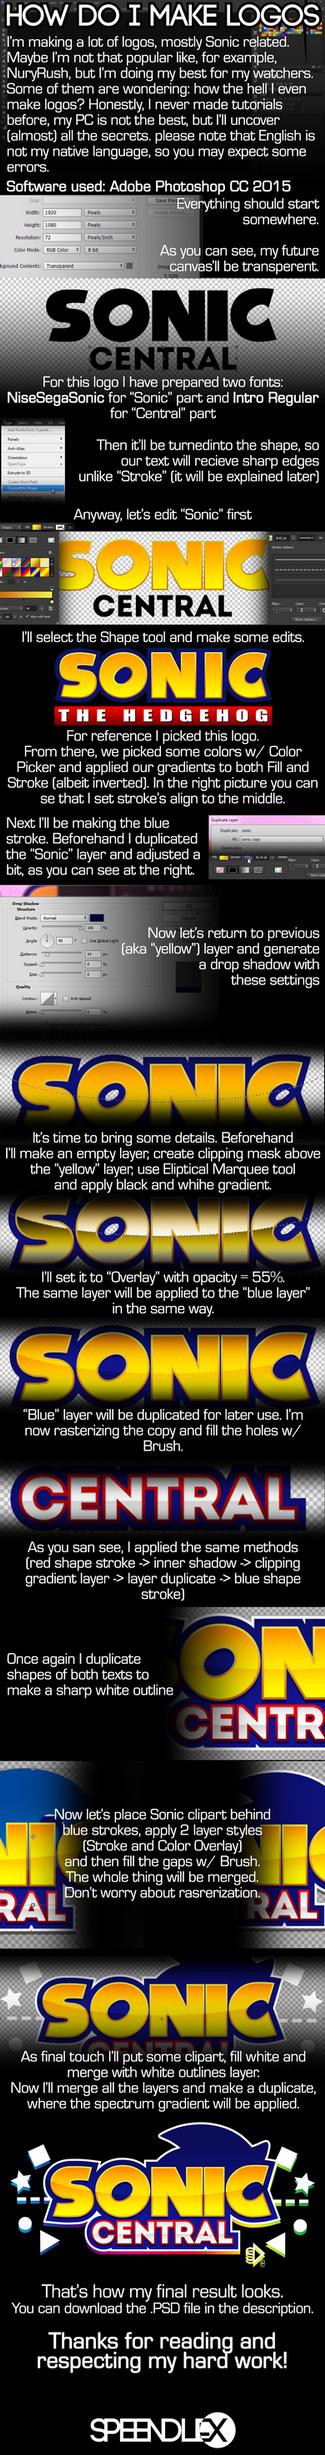 Sonic Logo Tutorial by SpeendlexMK2